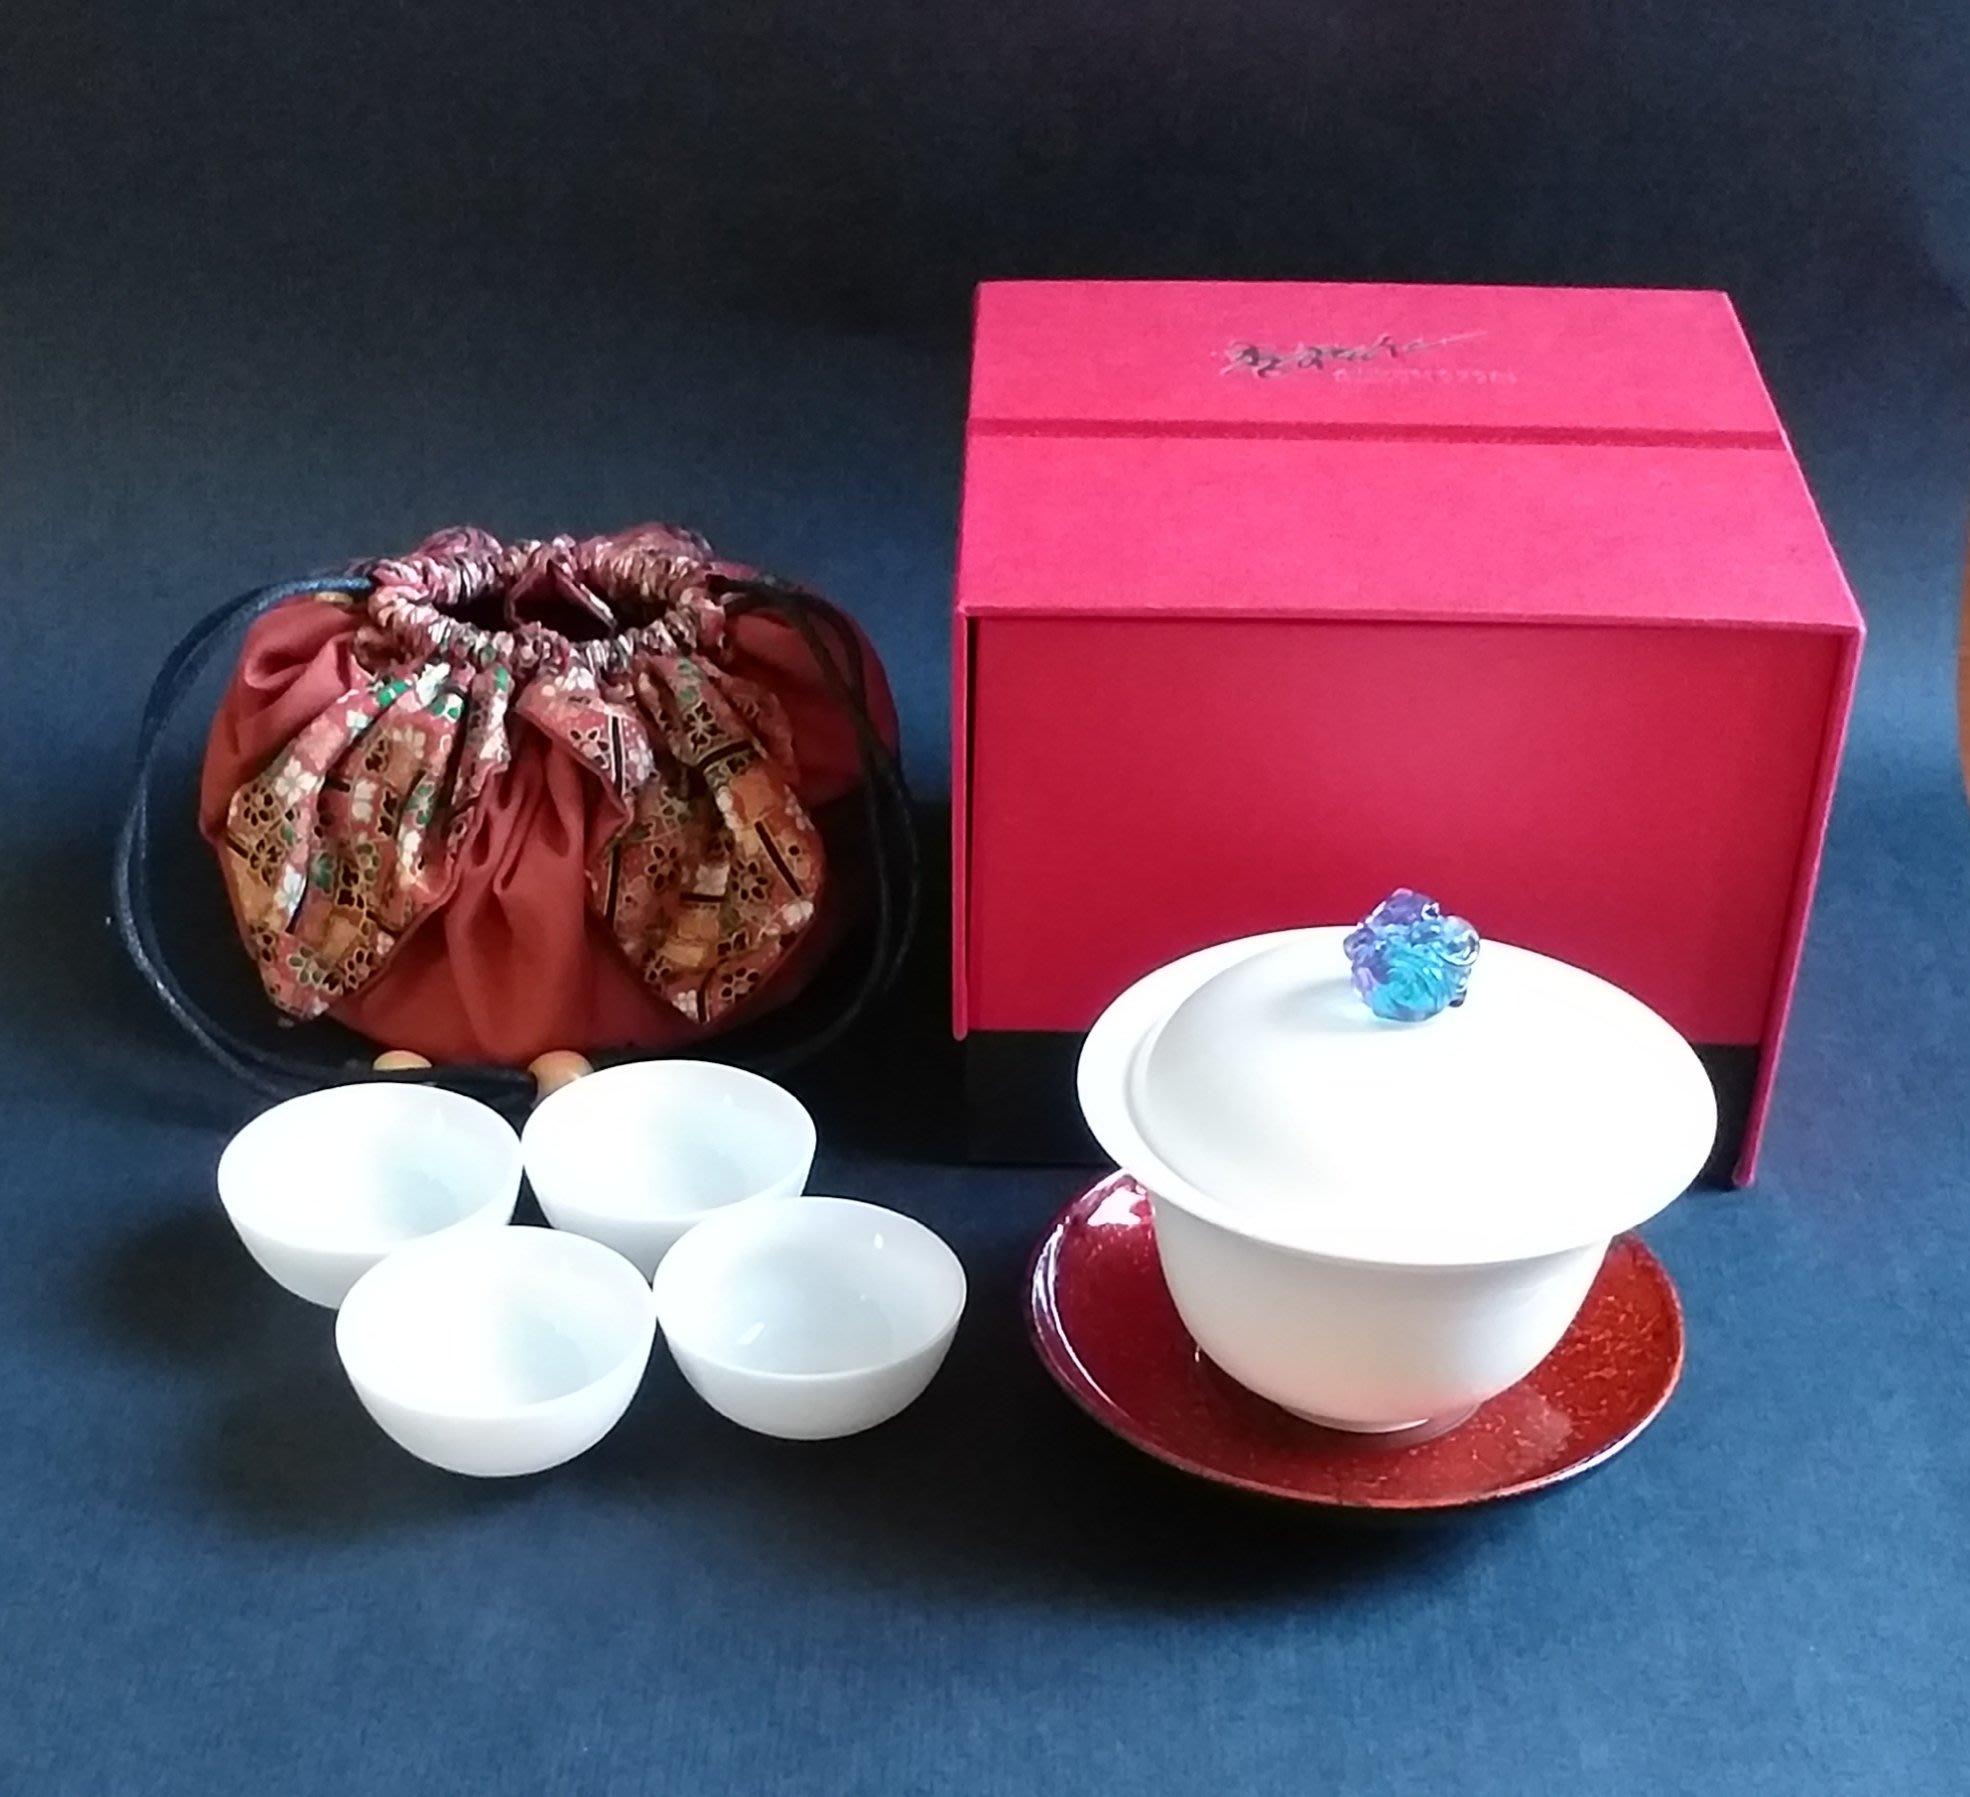 【生活收藏】存仁堂藝瓷-喜事來蓋杯組